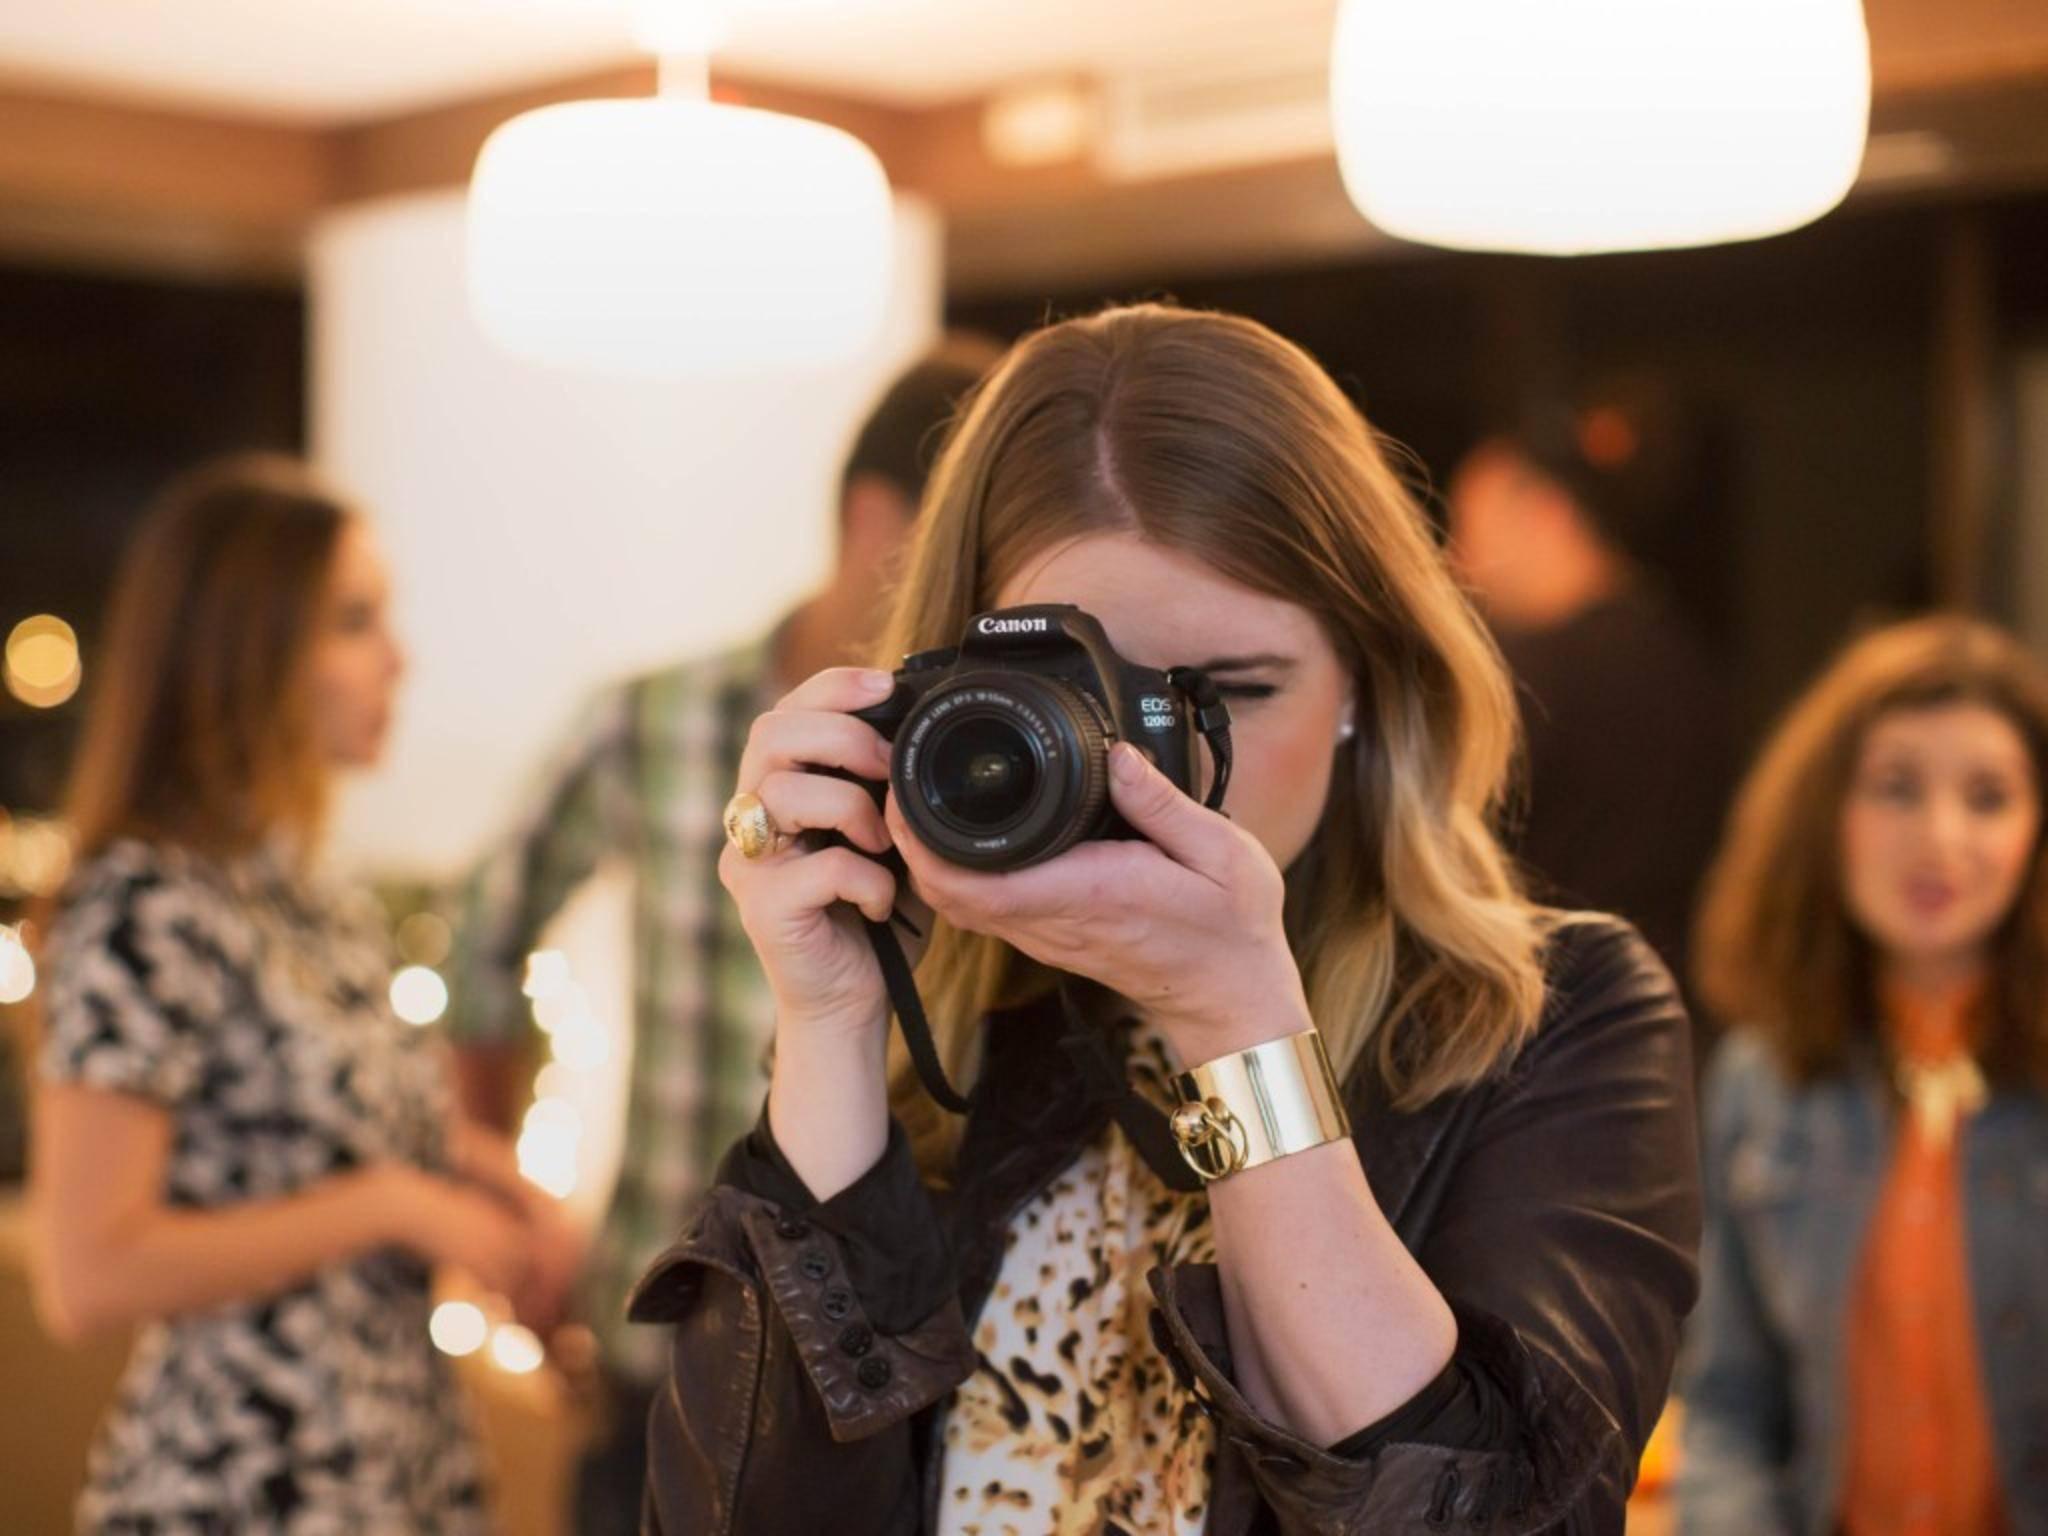 Die EOS 1200D ist Canons Einstiegsmodell in die DSLR-Fotografie.